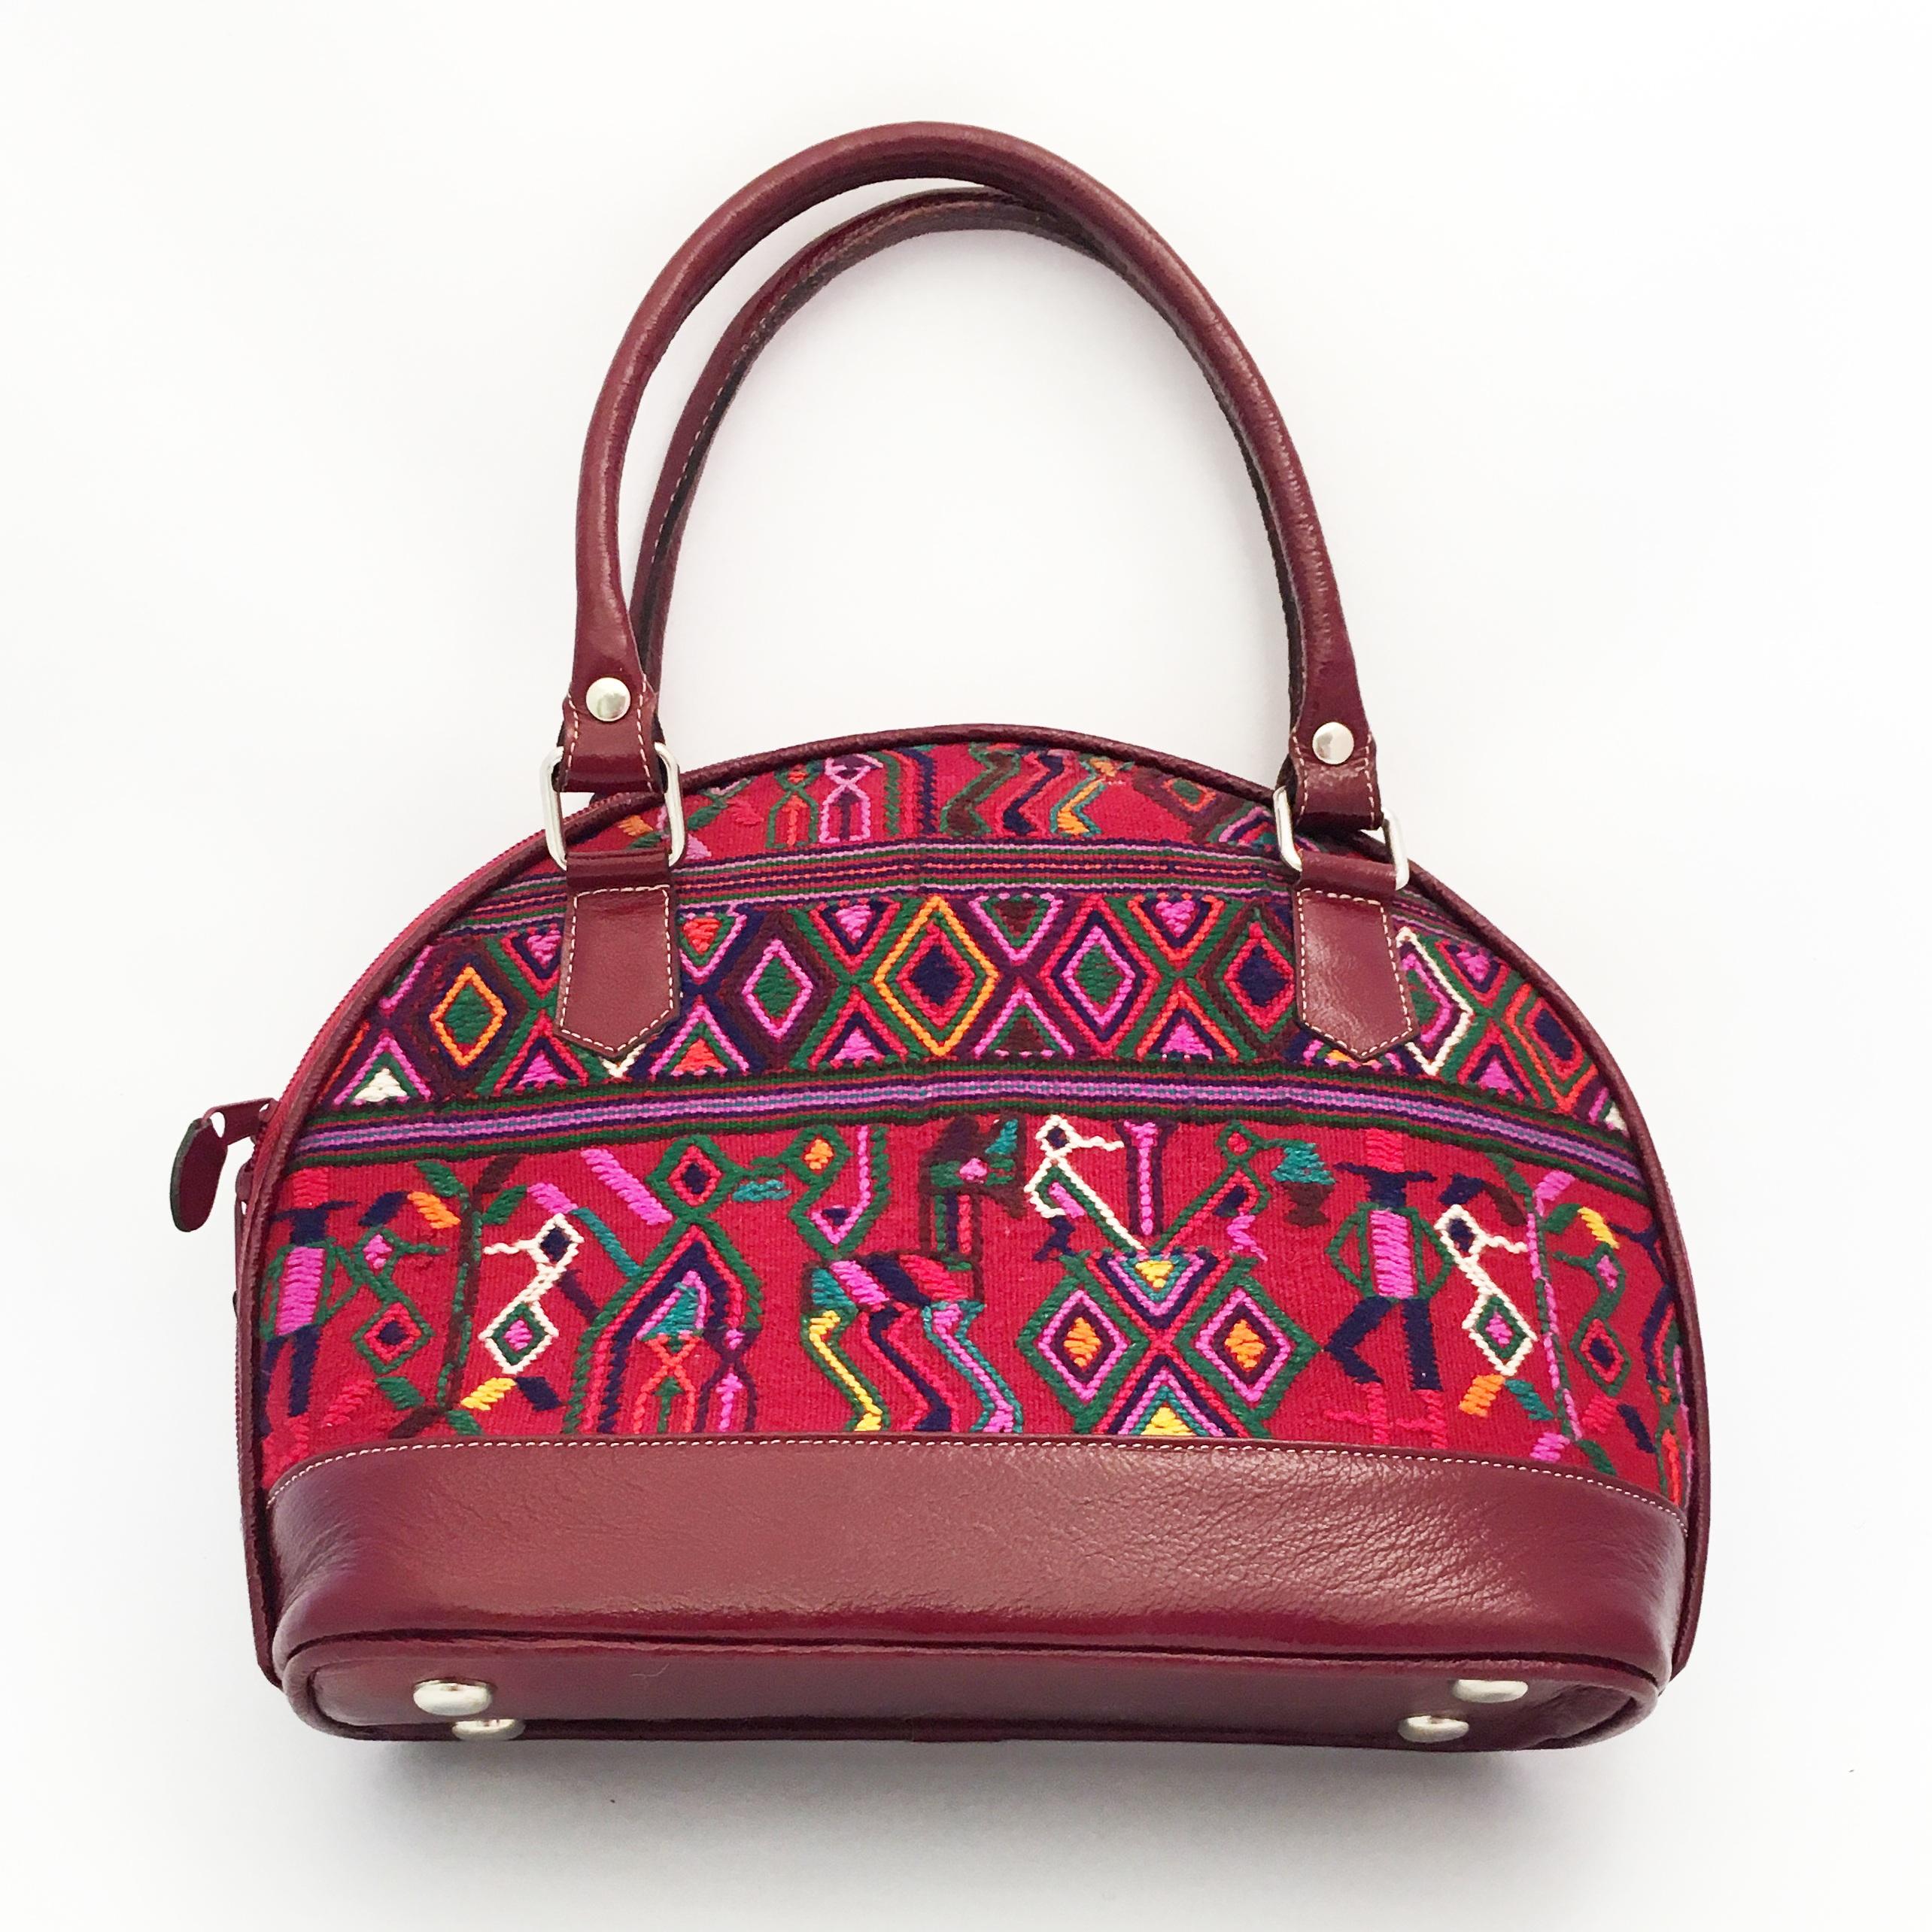 väska, axelväska, guatemala, återbruk, recycle, reuse (8)